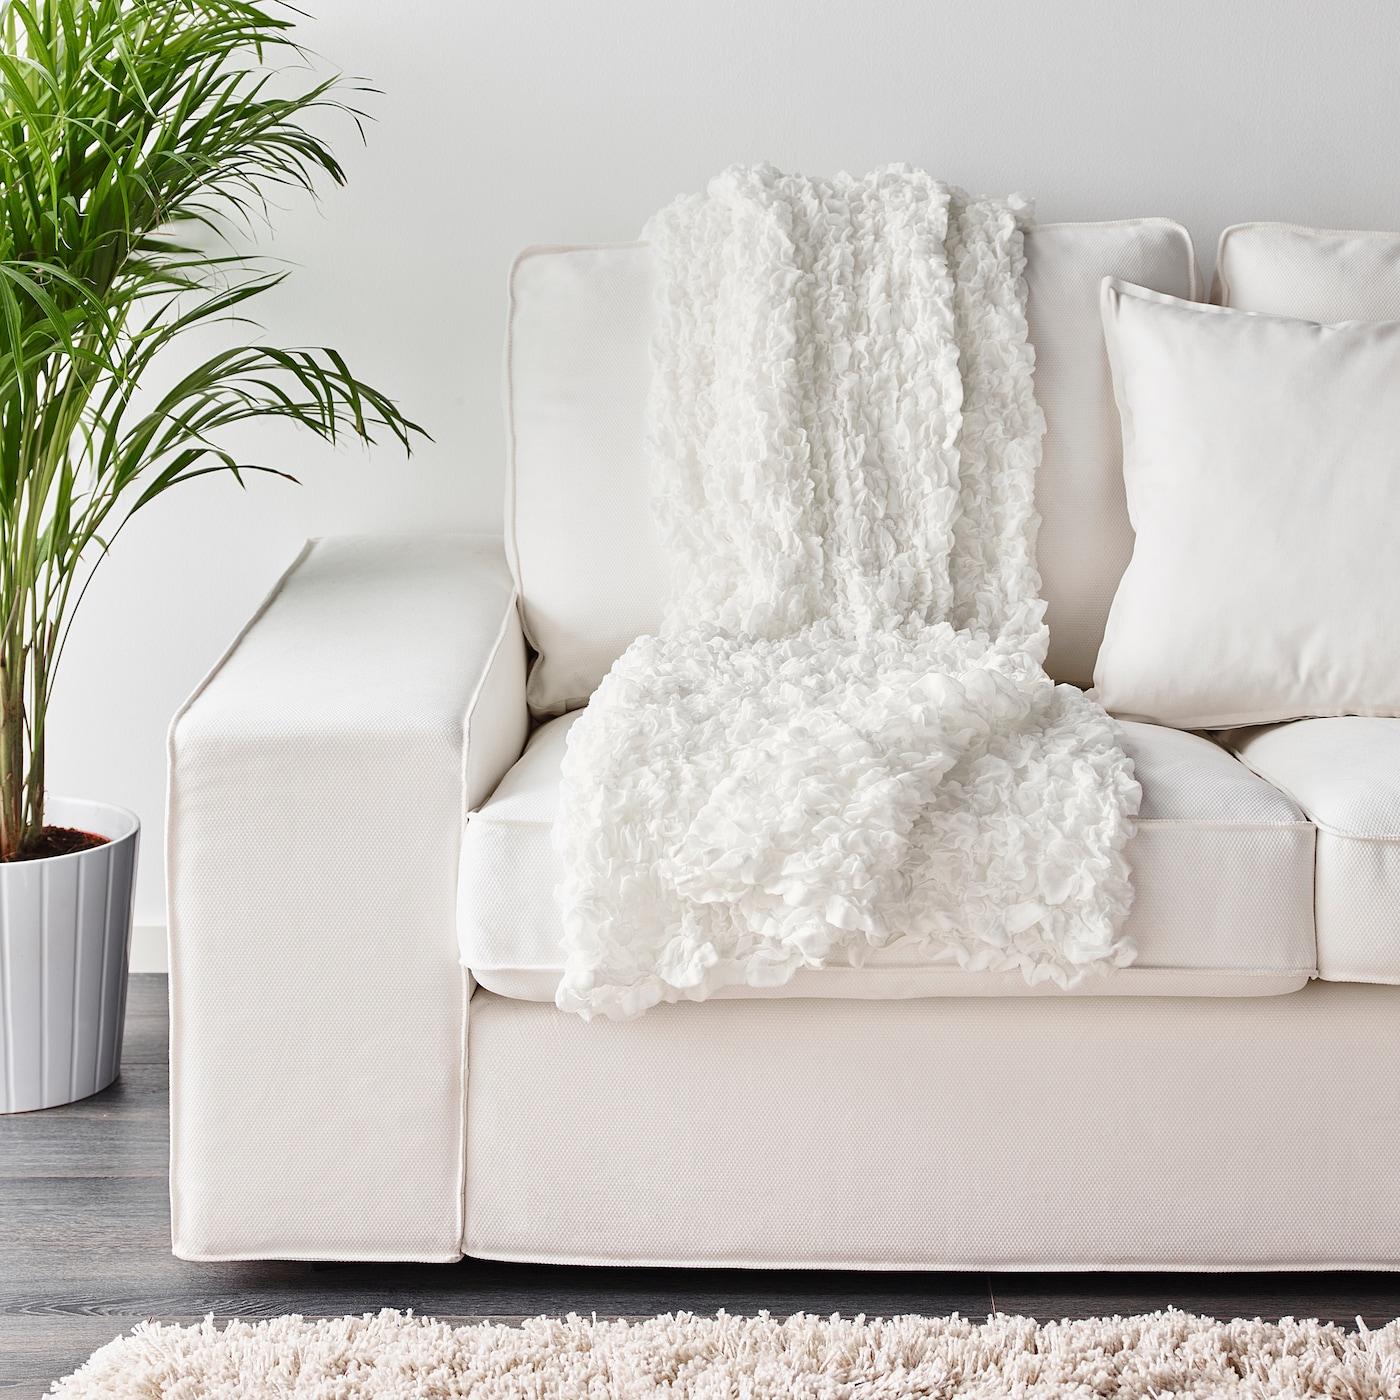 OFELIA white, Blanket IKEA